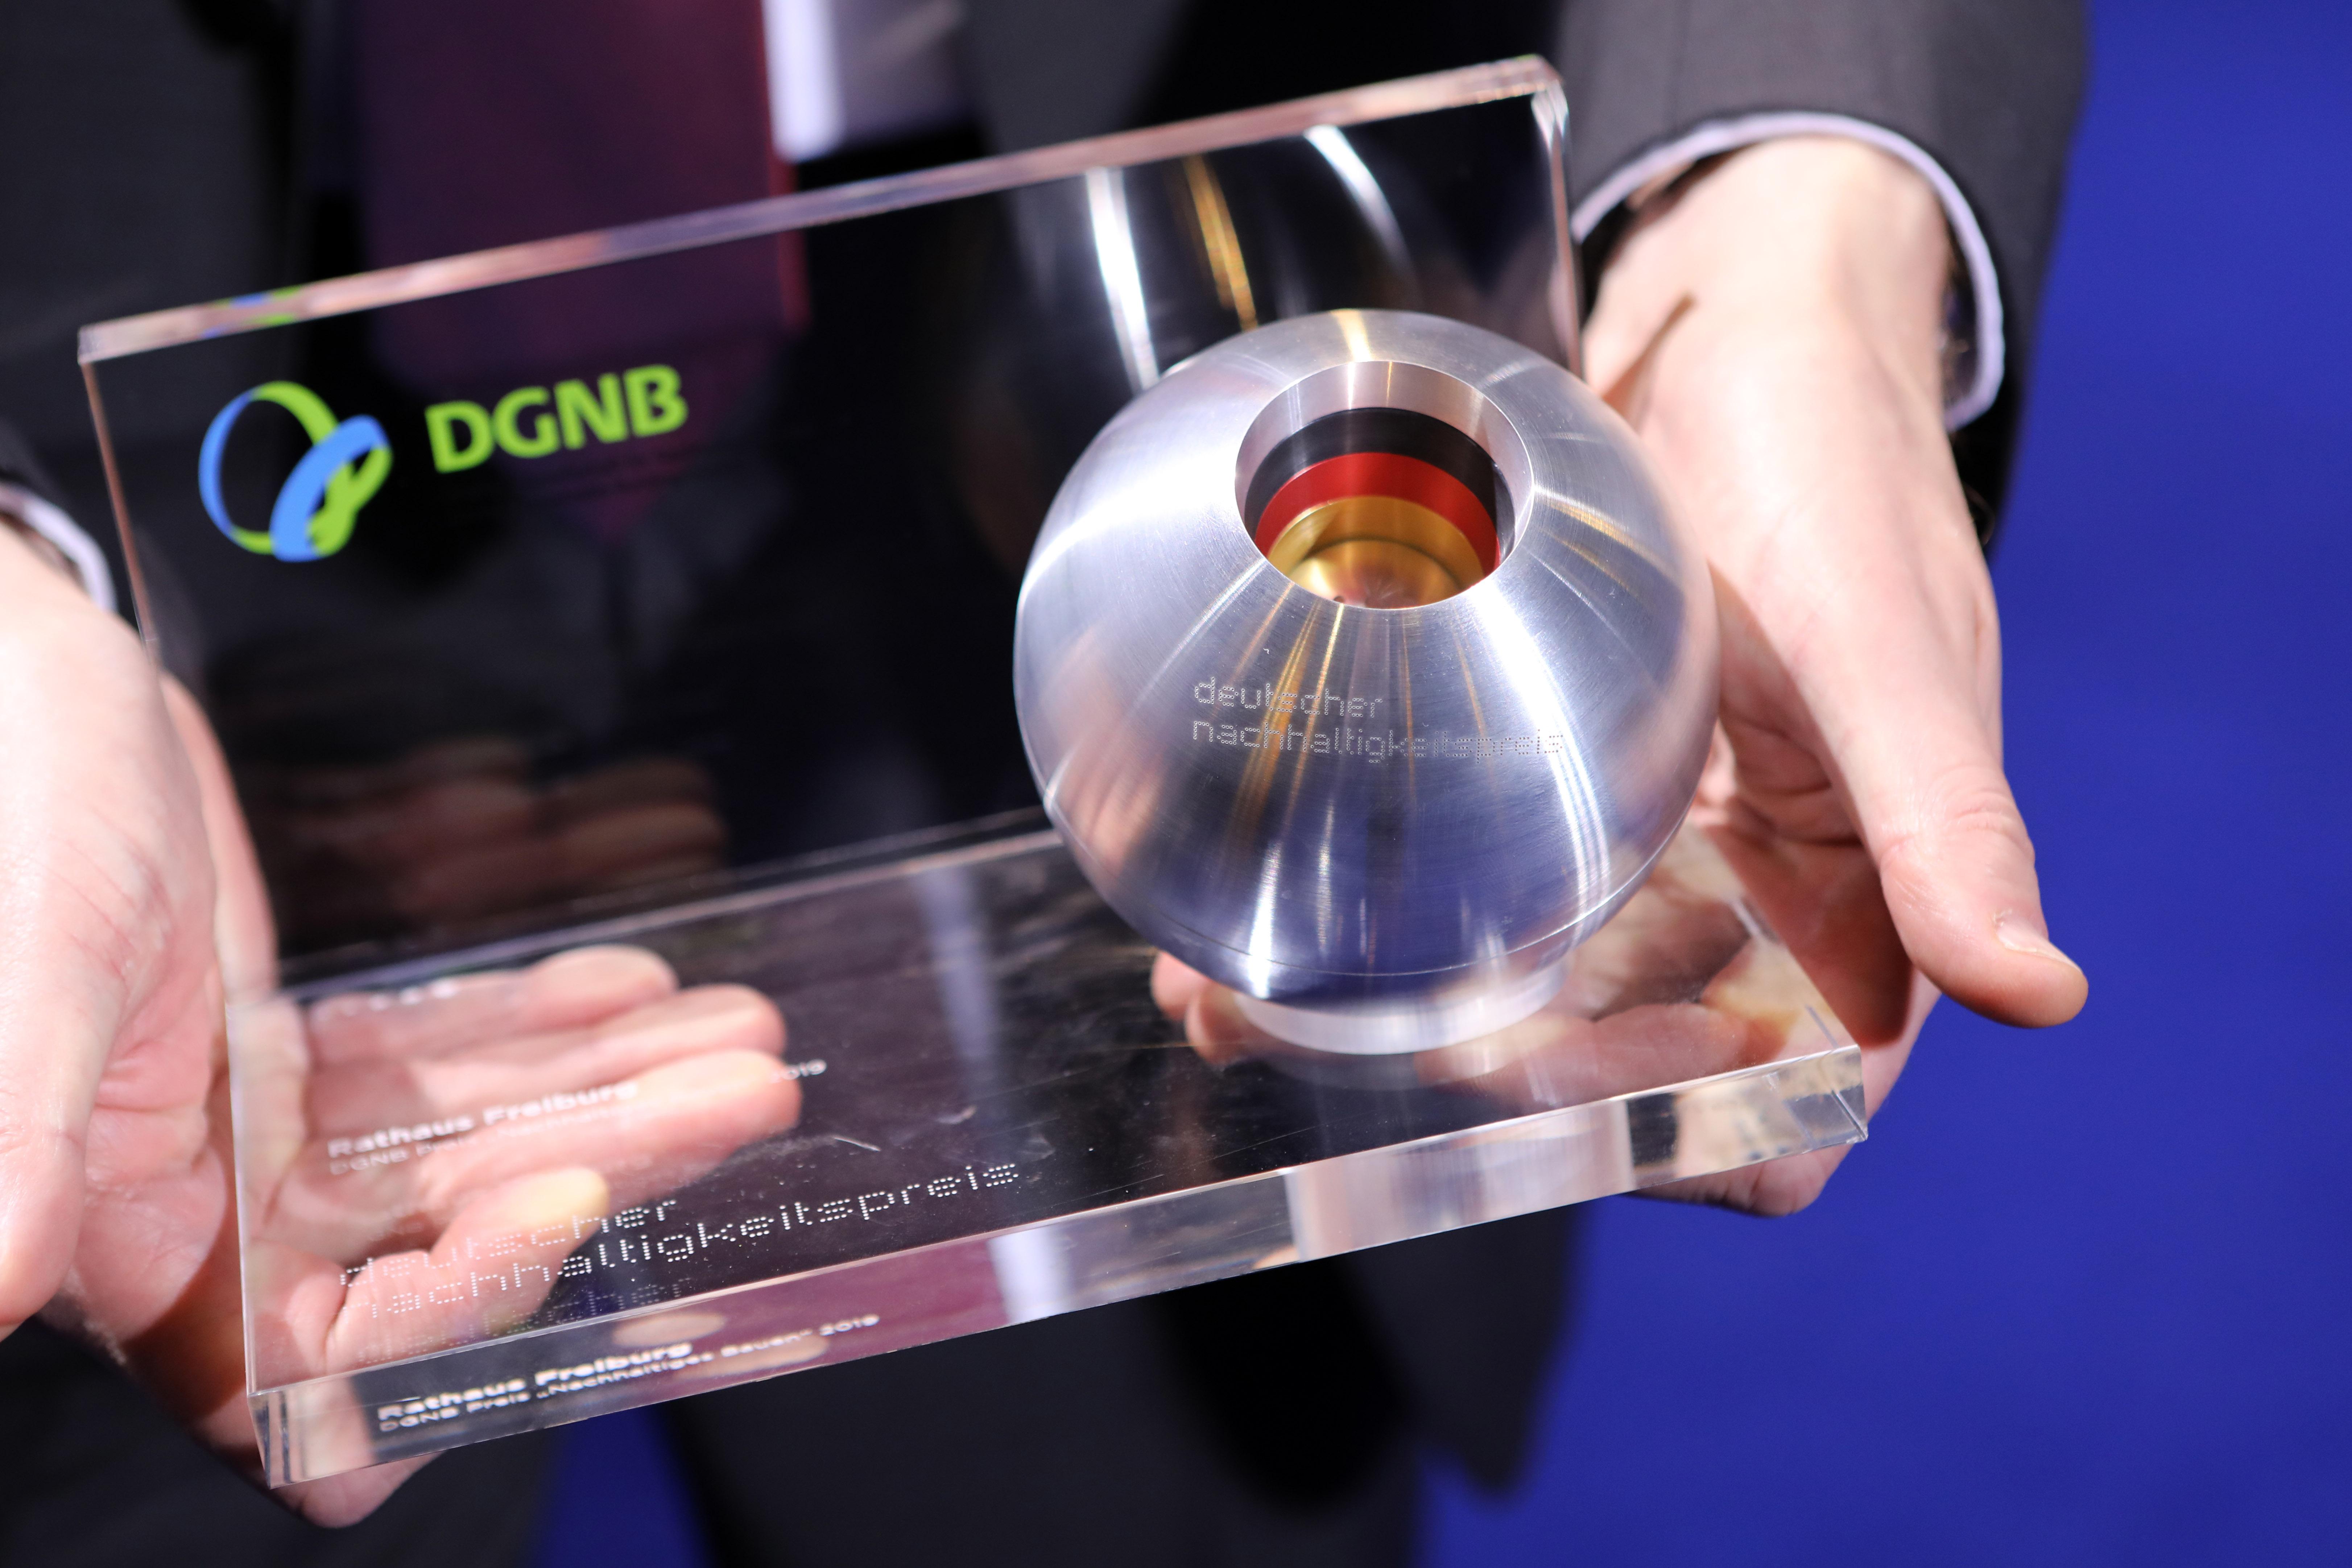 Wettbewerbsstart: Deutscher Nachhaltigkeitspreis würdigt zukunftsweisende Architektur